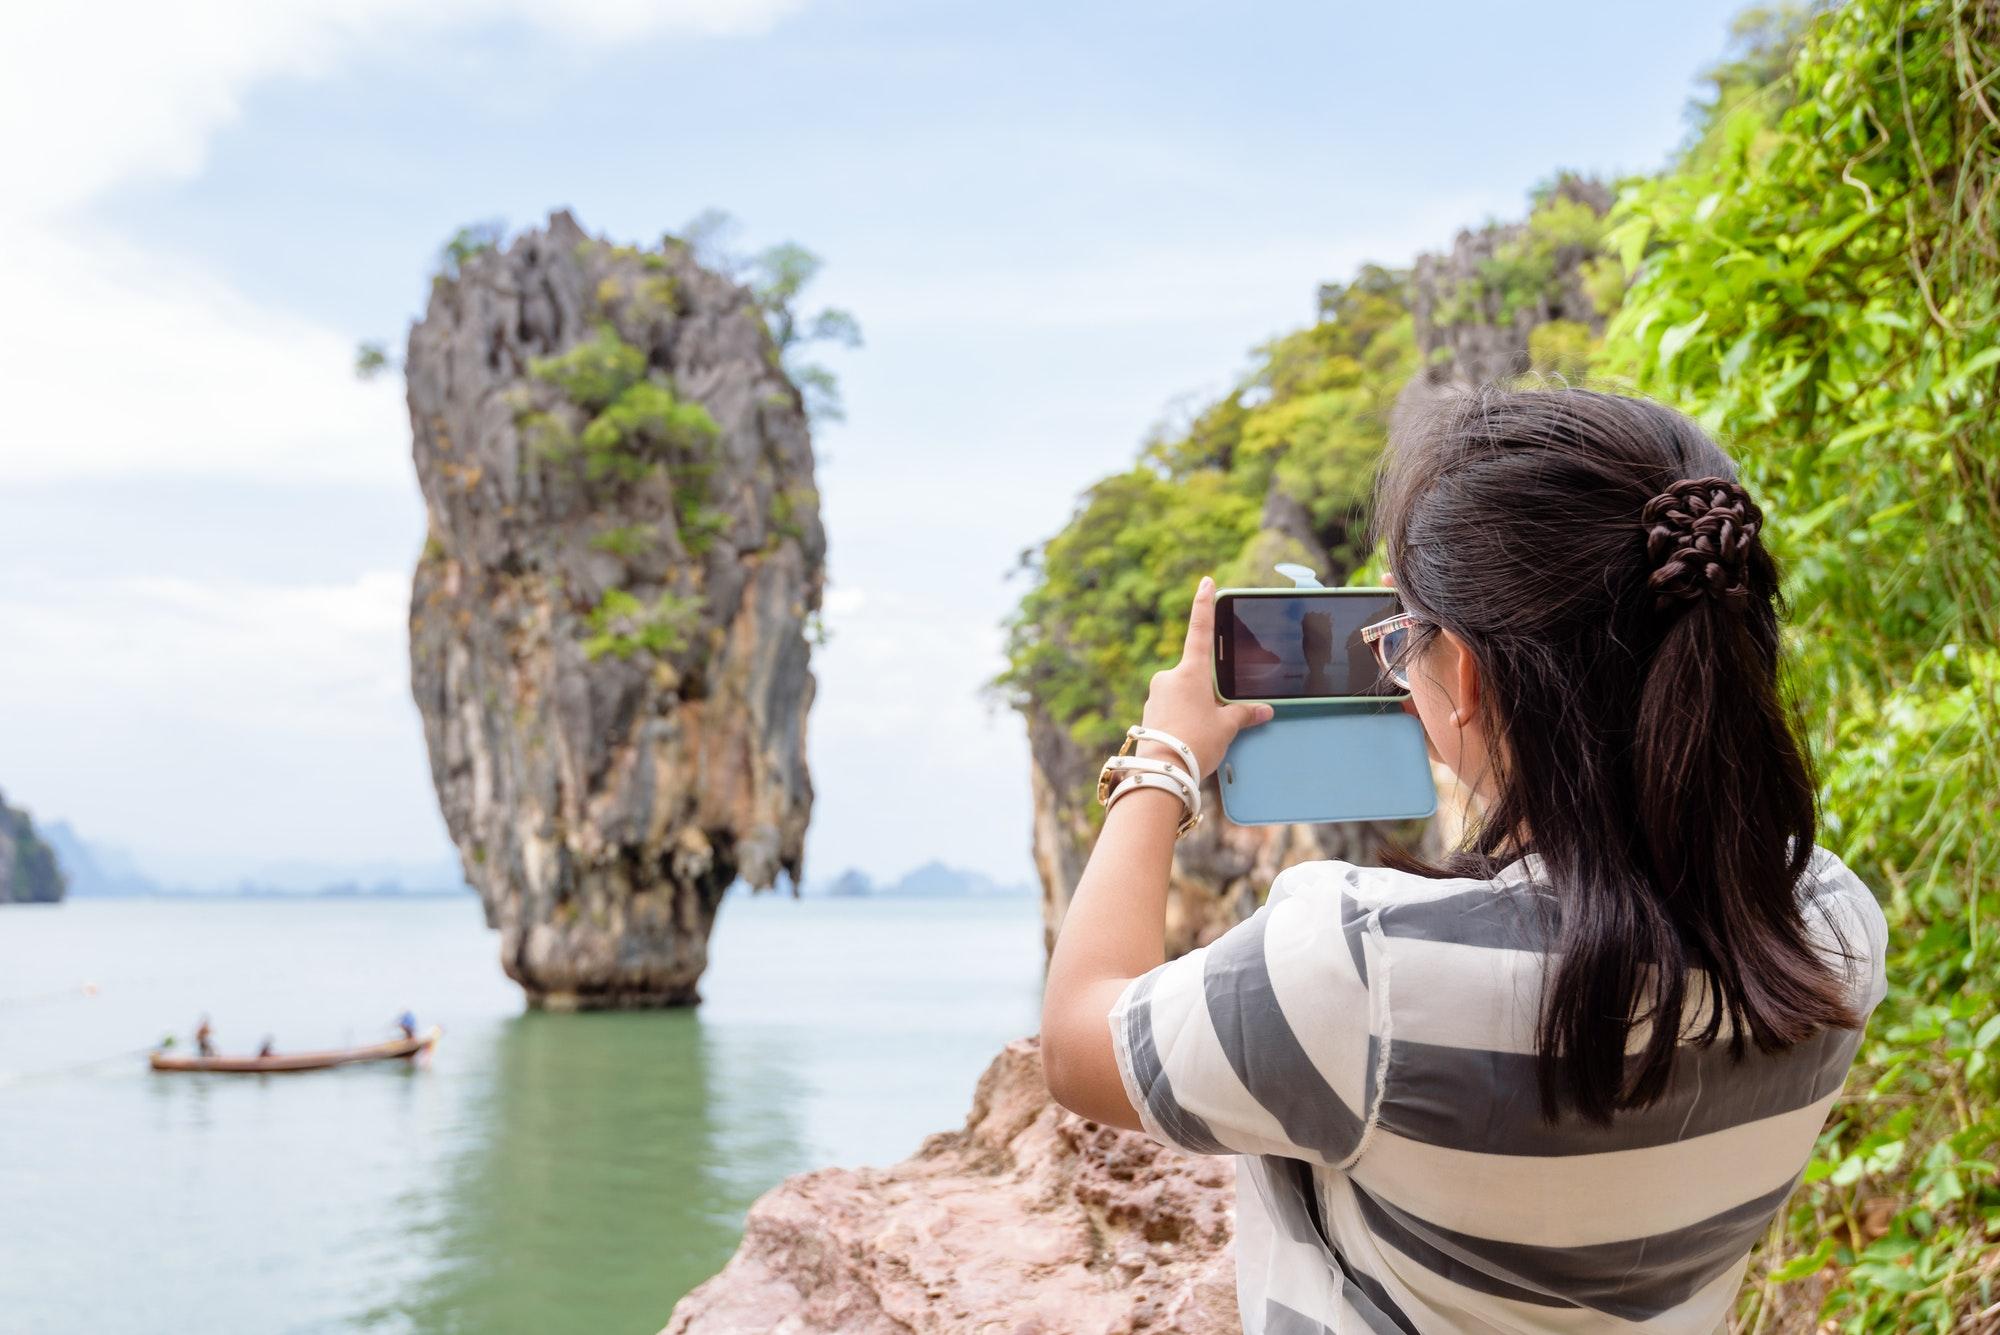 كيفية تعلم التصوير للمبتدئين